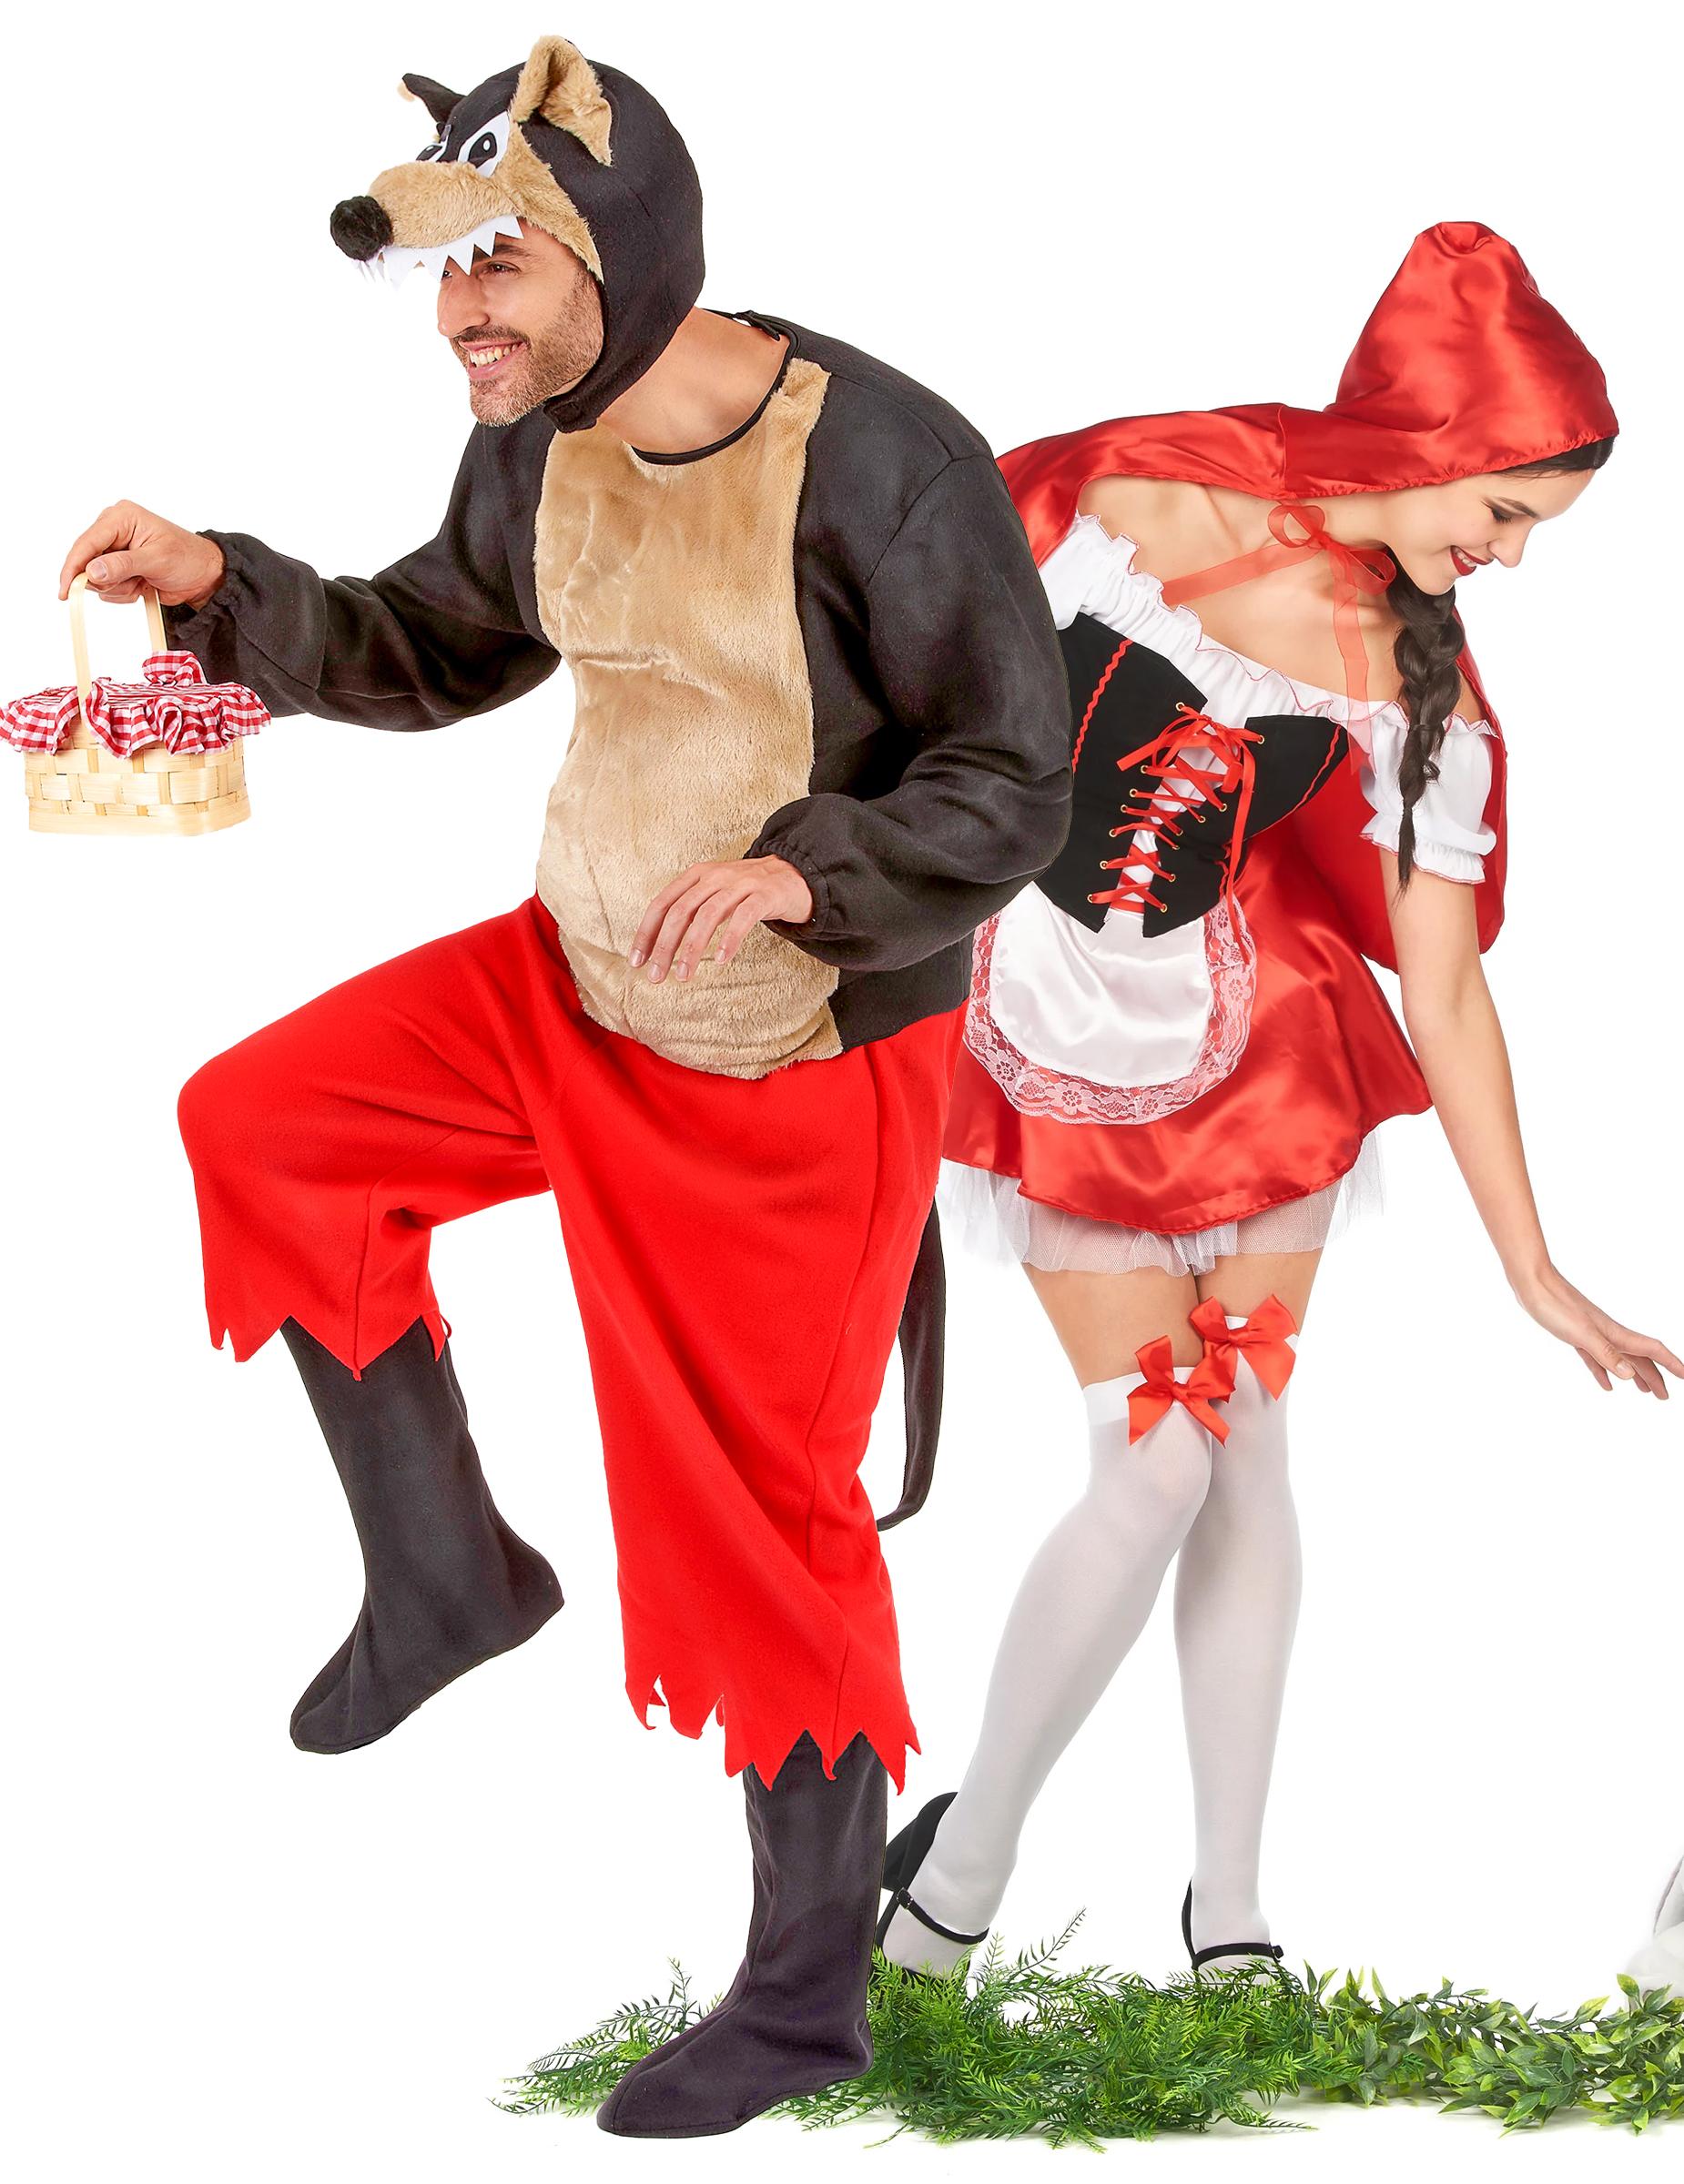 Kostume pige i rød kjole på ryggen af en ulv, køb Kostumer